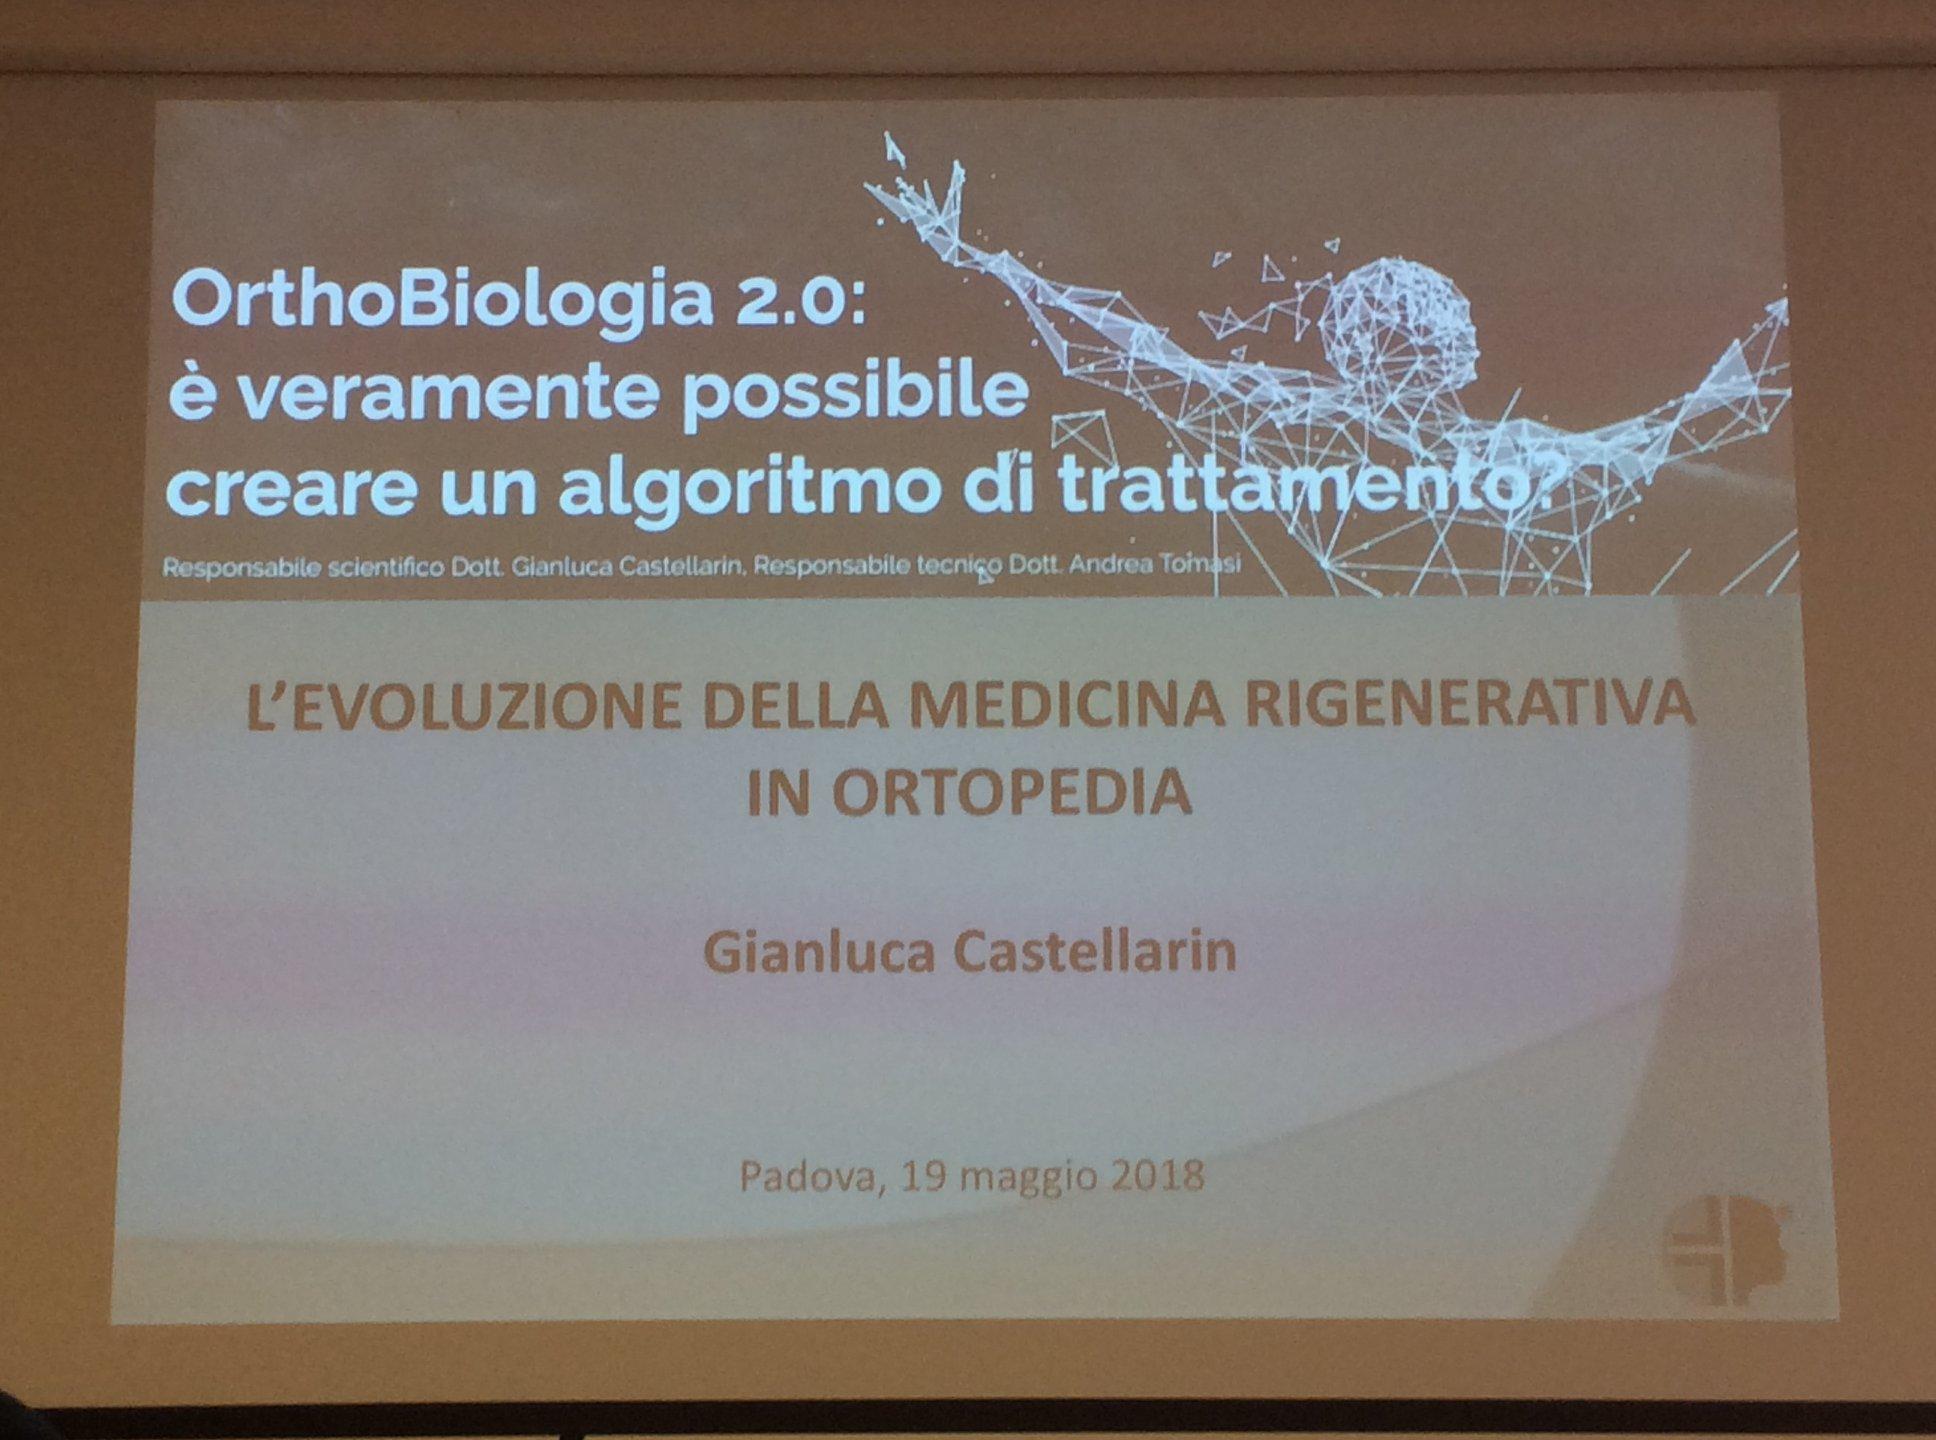 OrthoBiologia 2.0